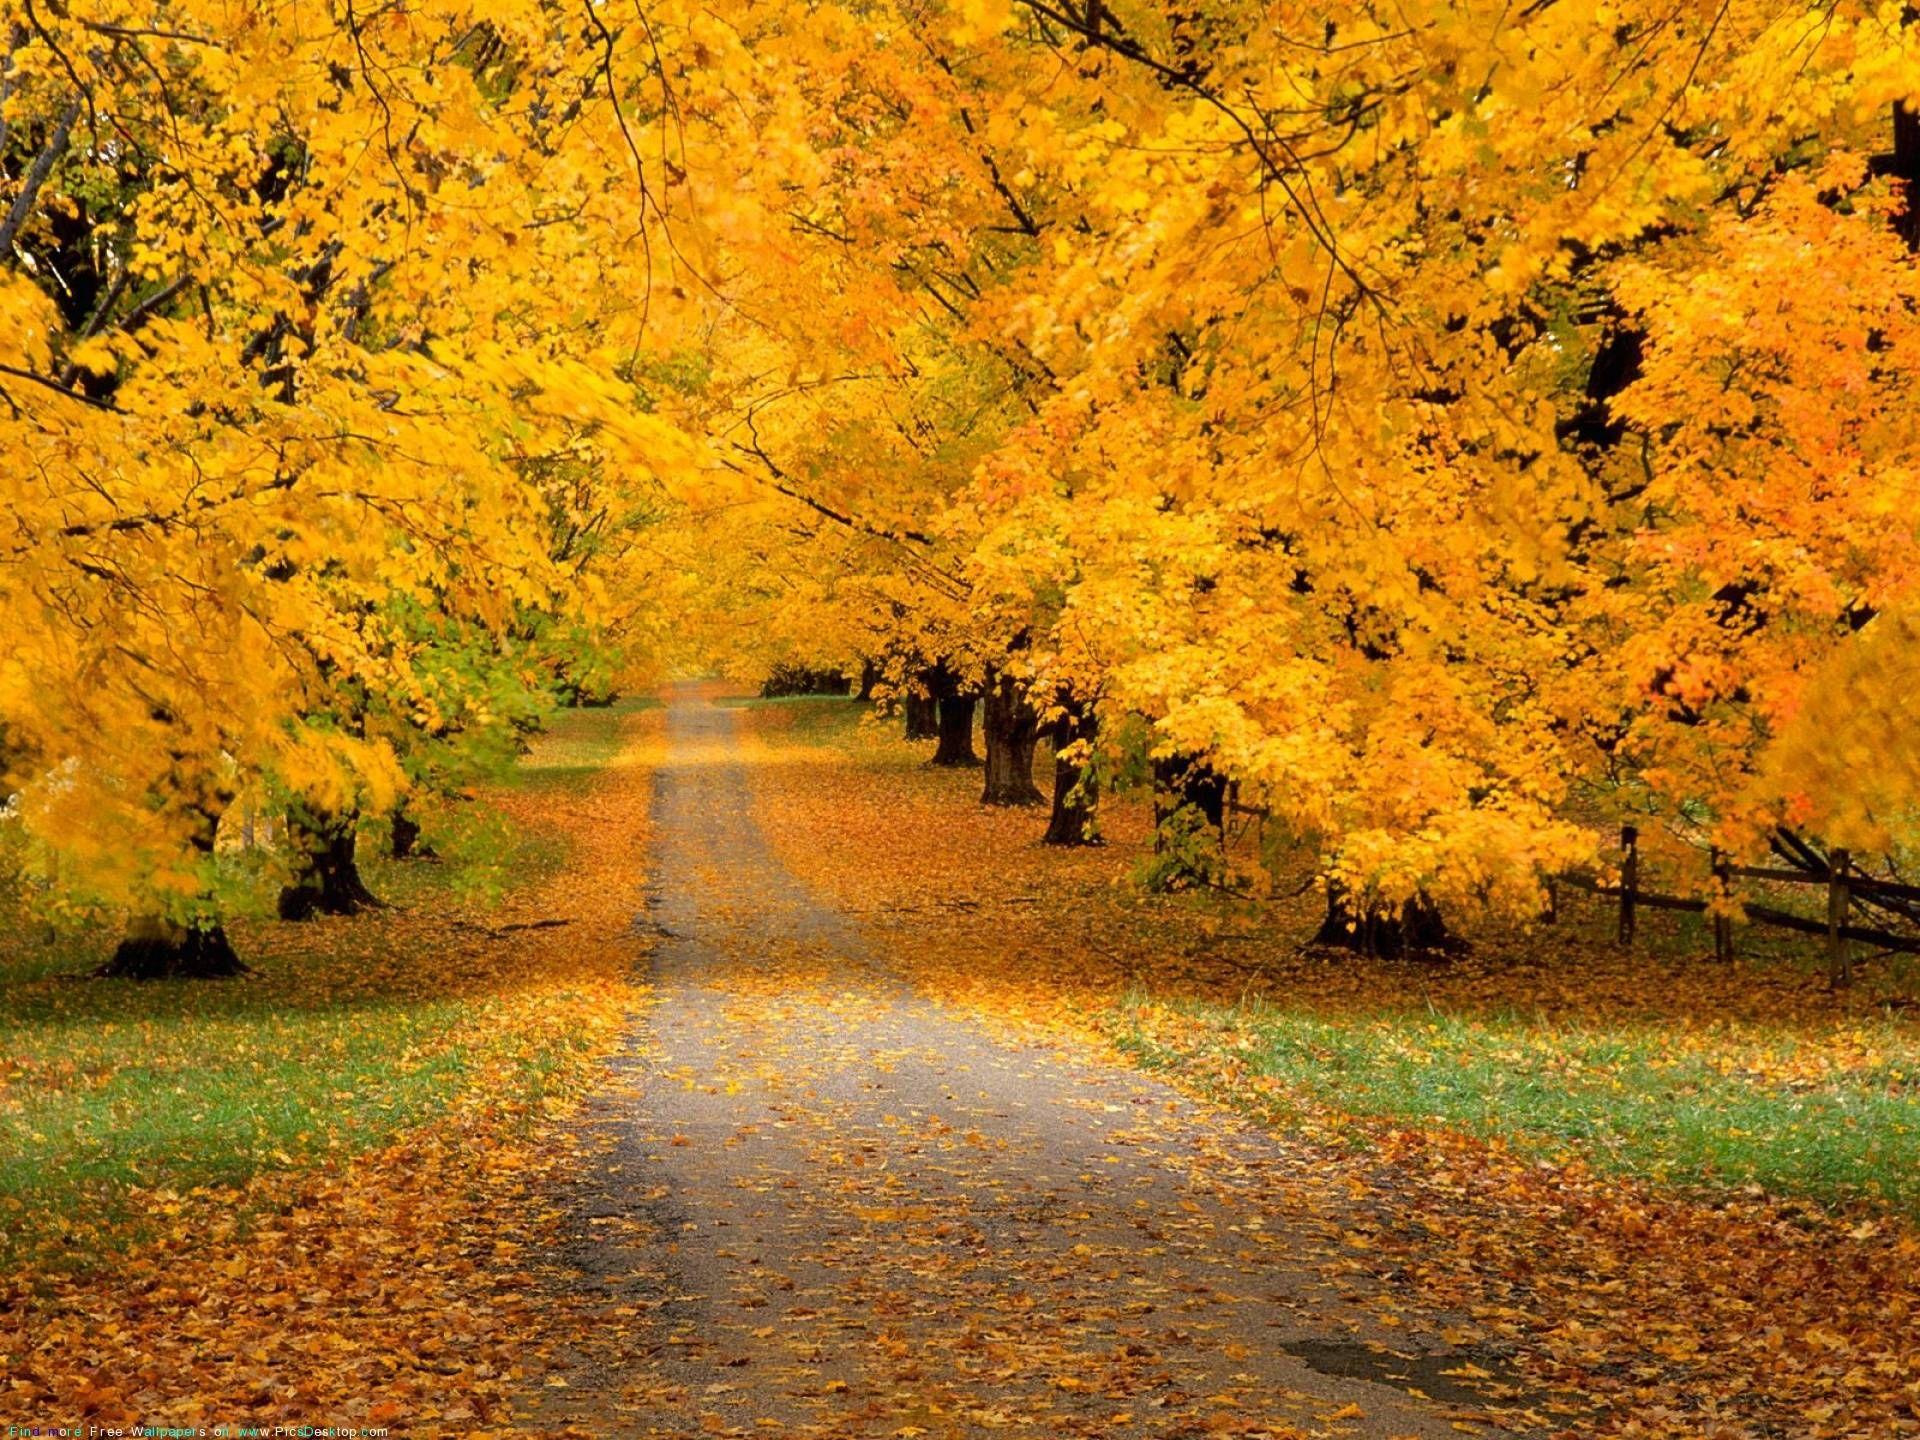 Free Autumn Desktop Wallpaper Backgrounds Wallpaper 1600